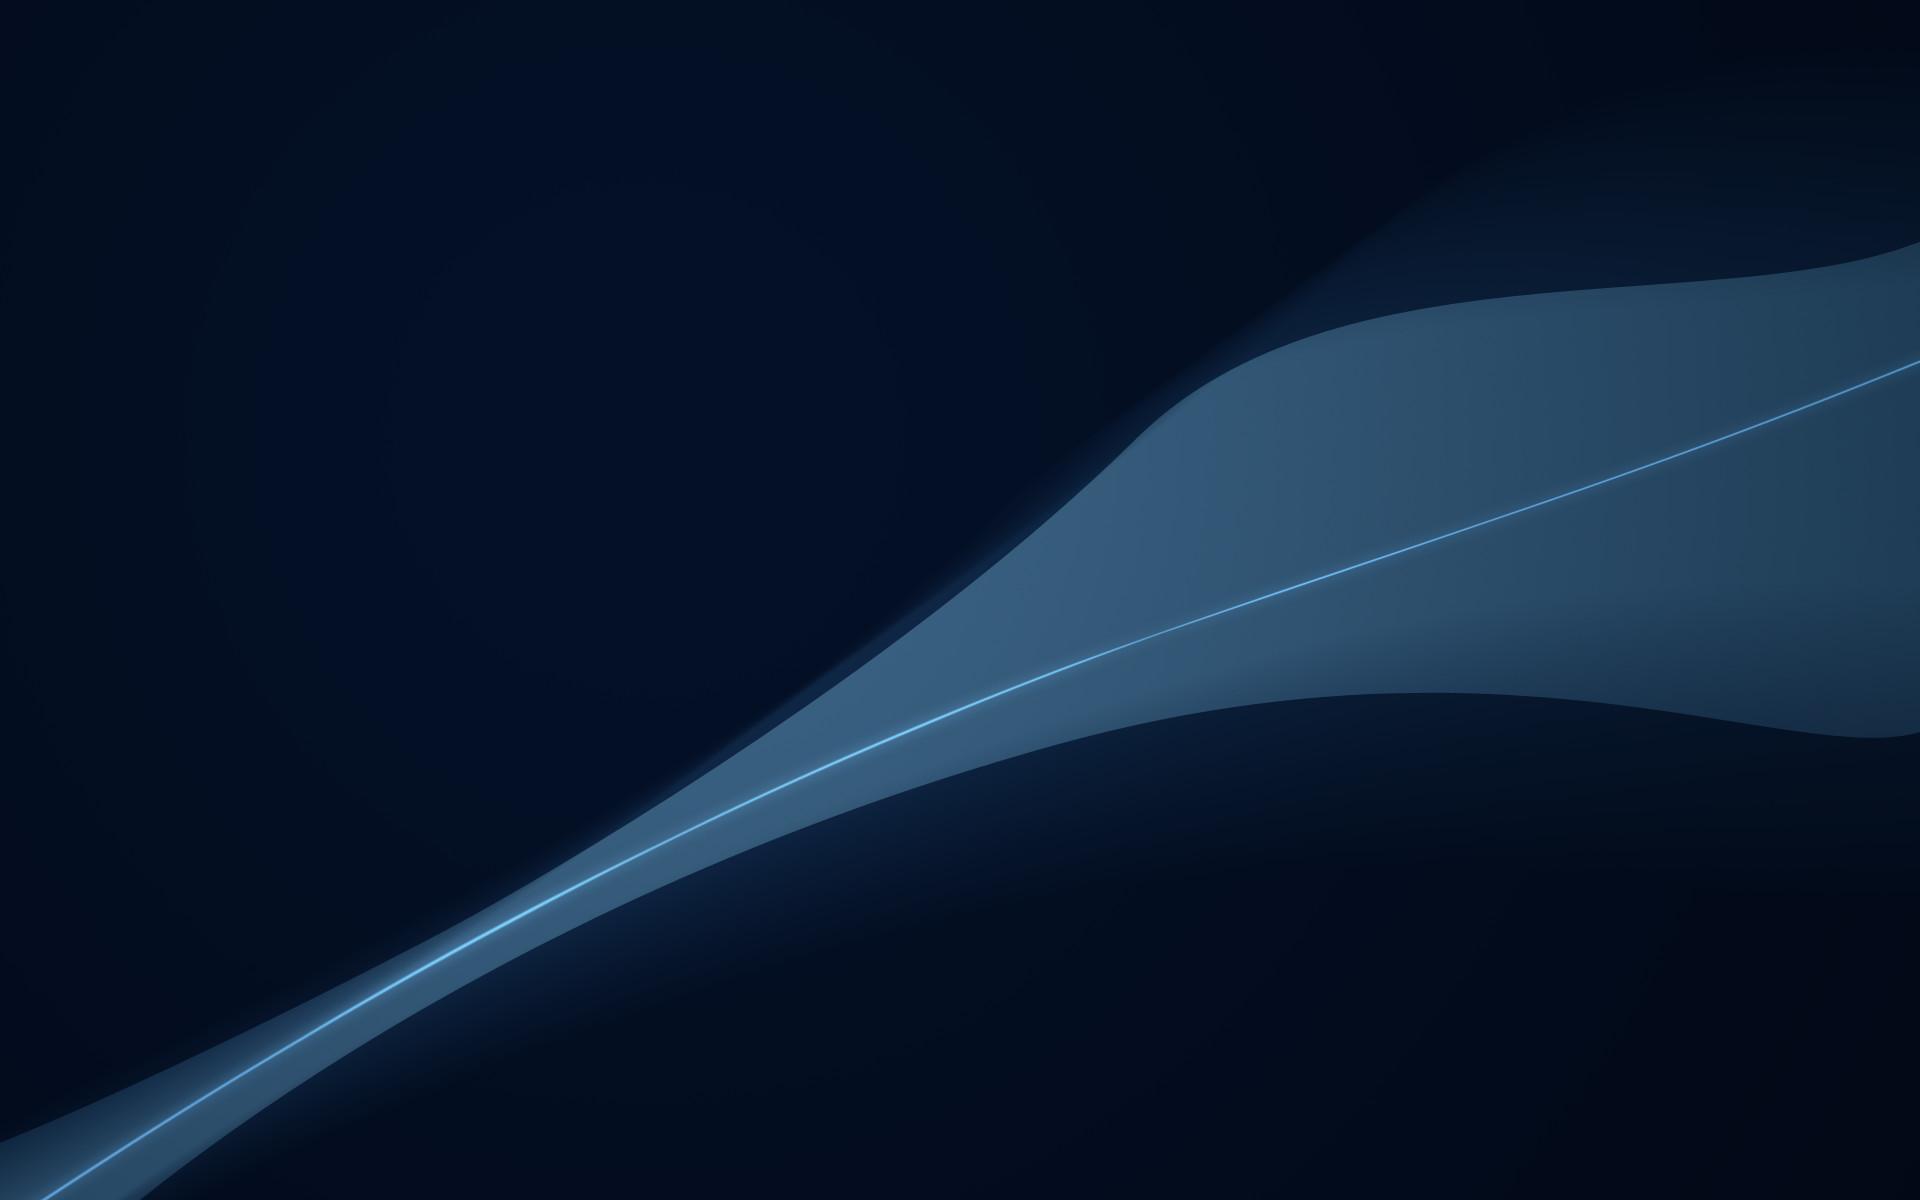 Dark Blue Background download.